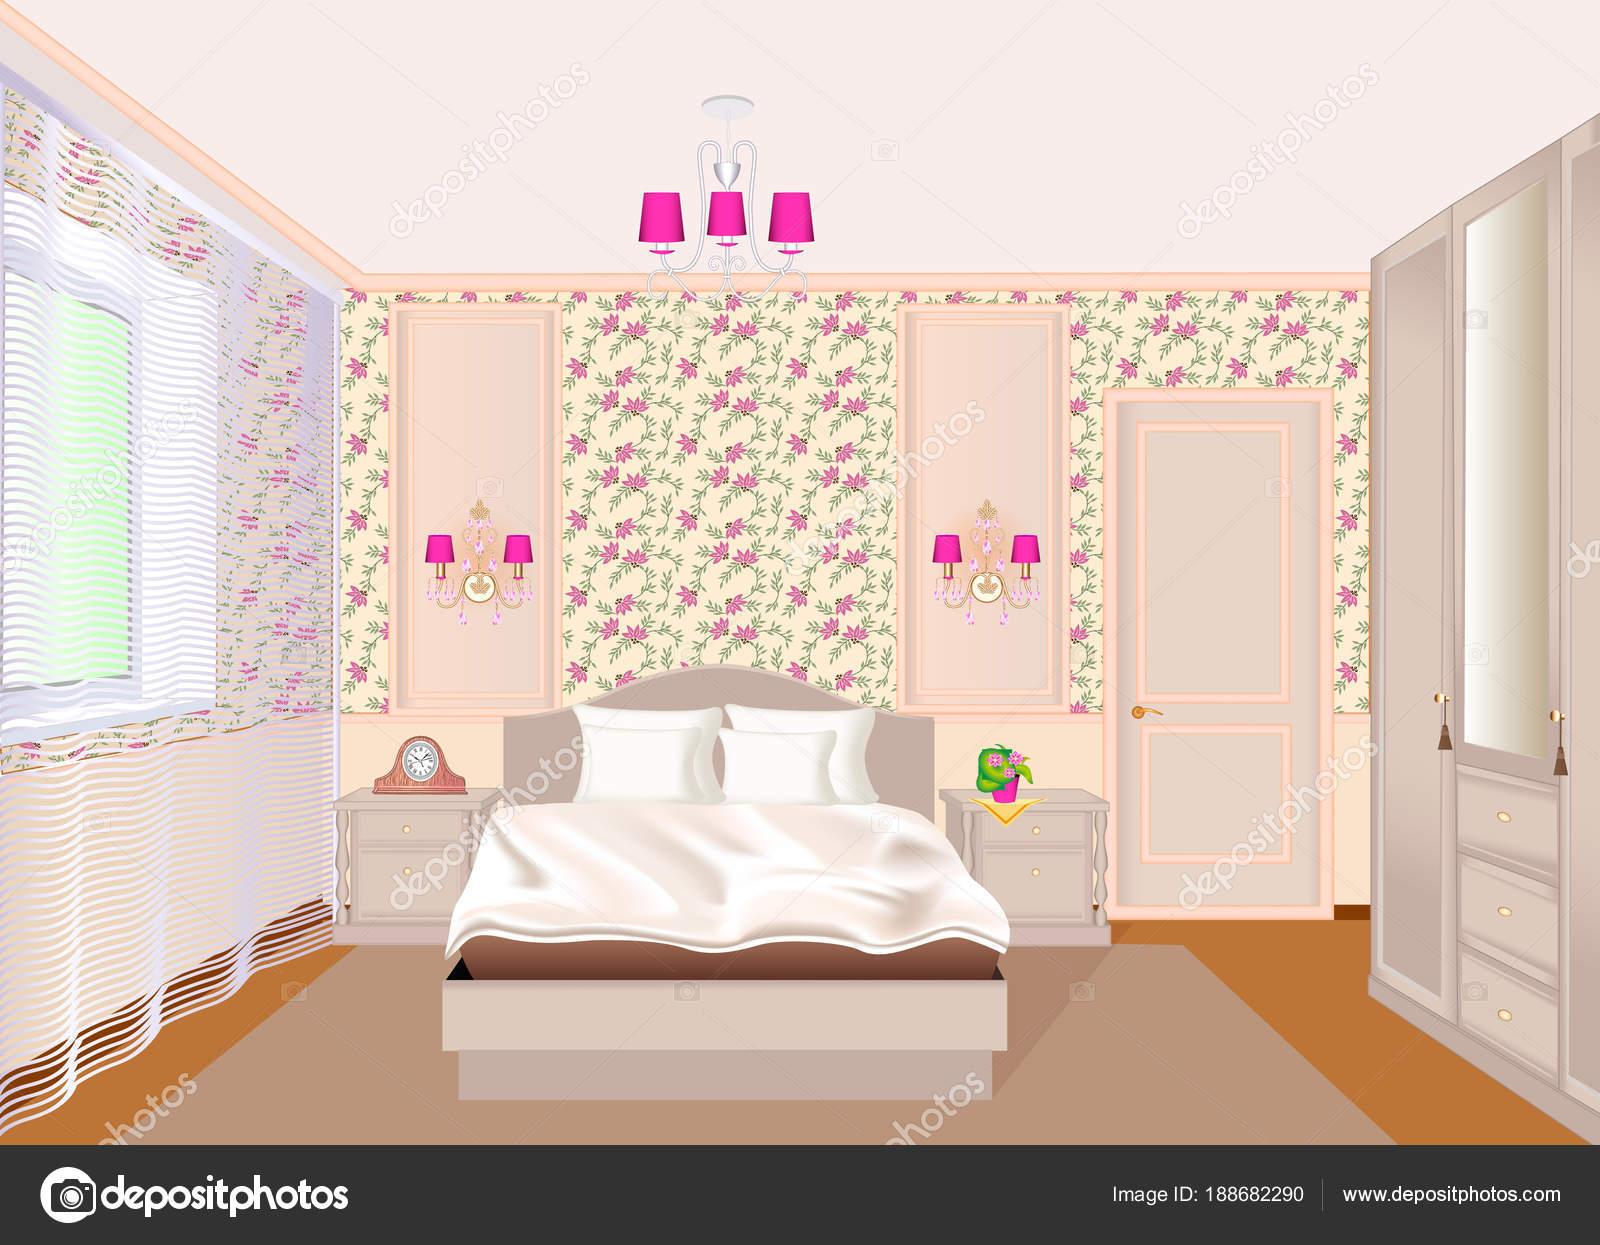 Illustrazione di un interno camera da letto con carta da parati ...